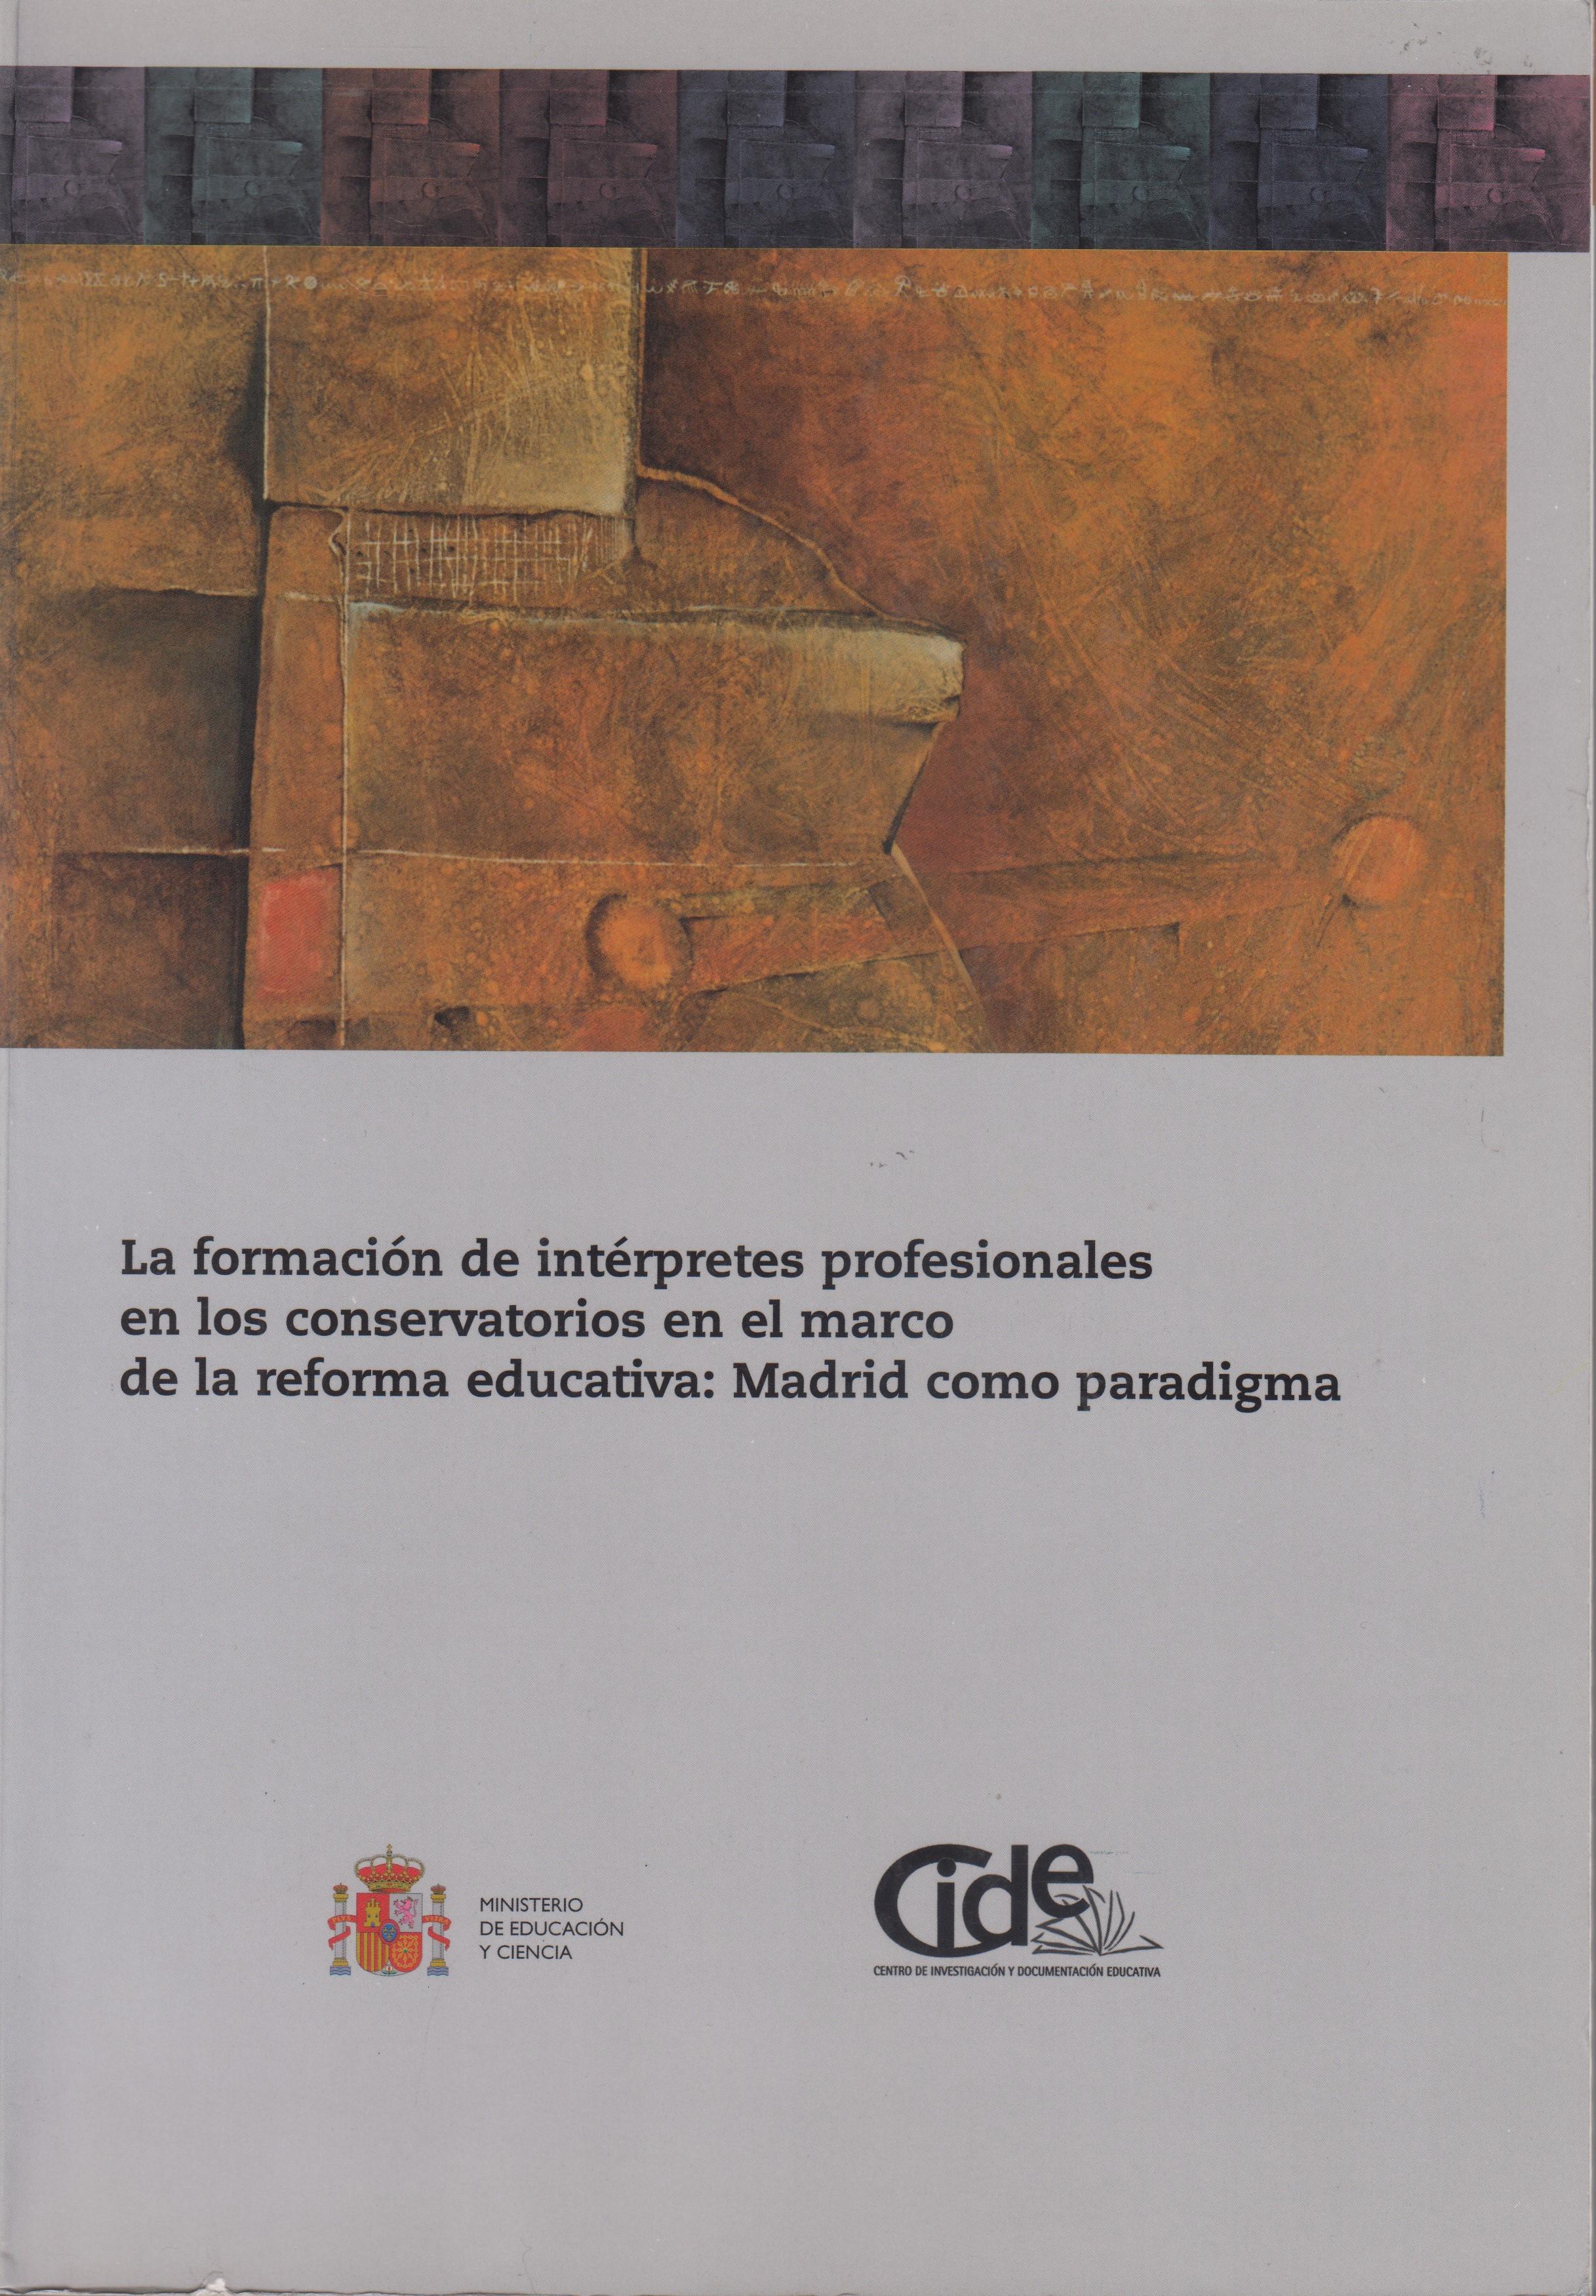 La formación de intérpretes profesionales en los conservatorios en el marco de la reforma educativa: Madrid como paradigma